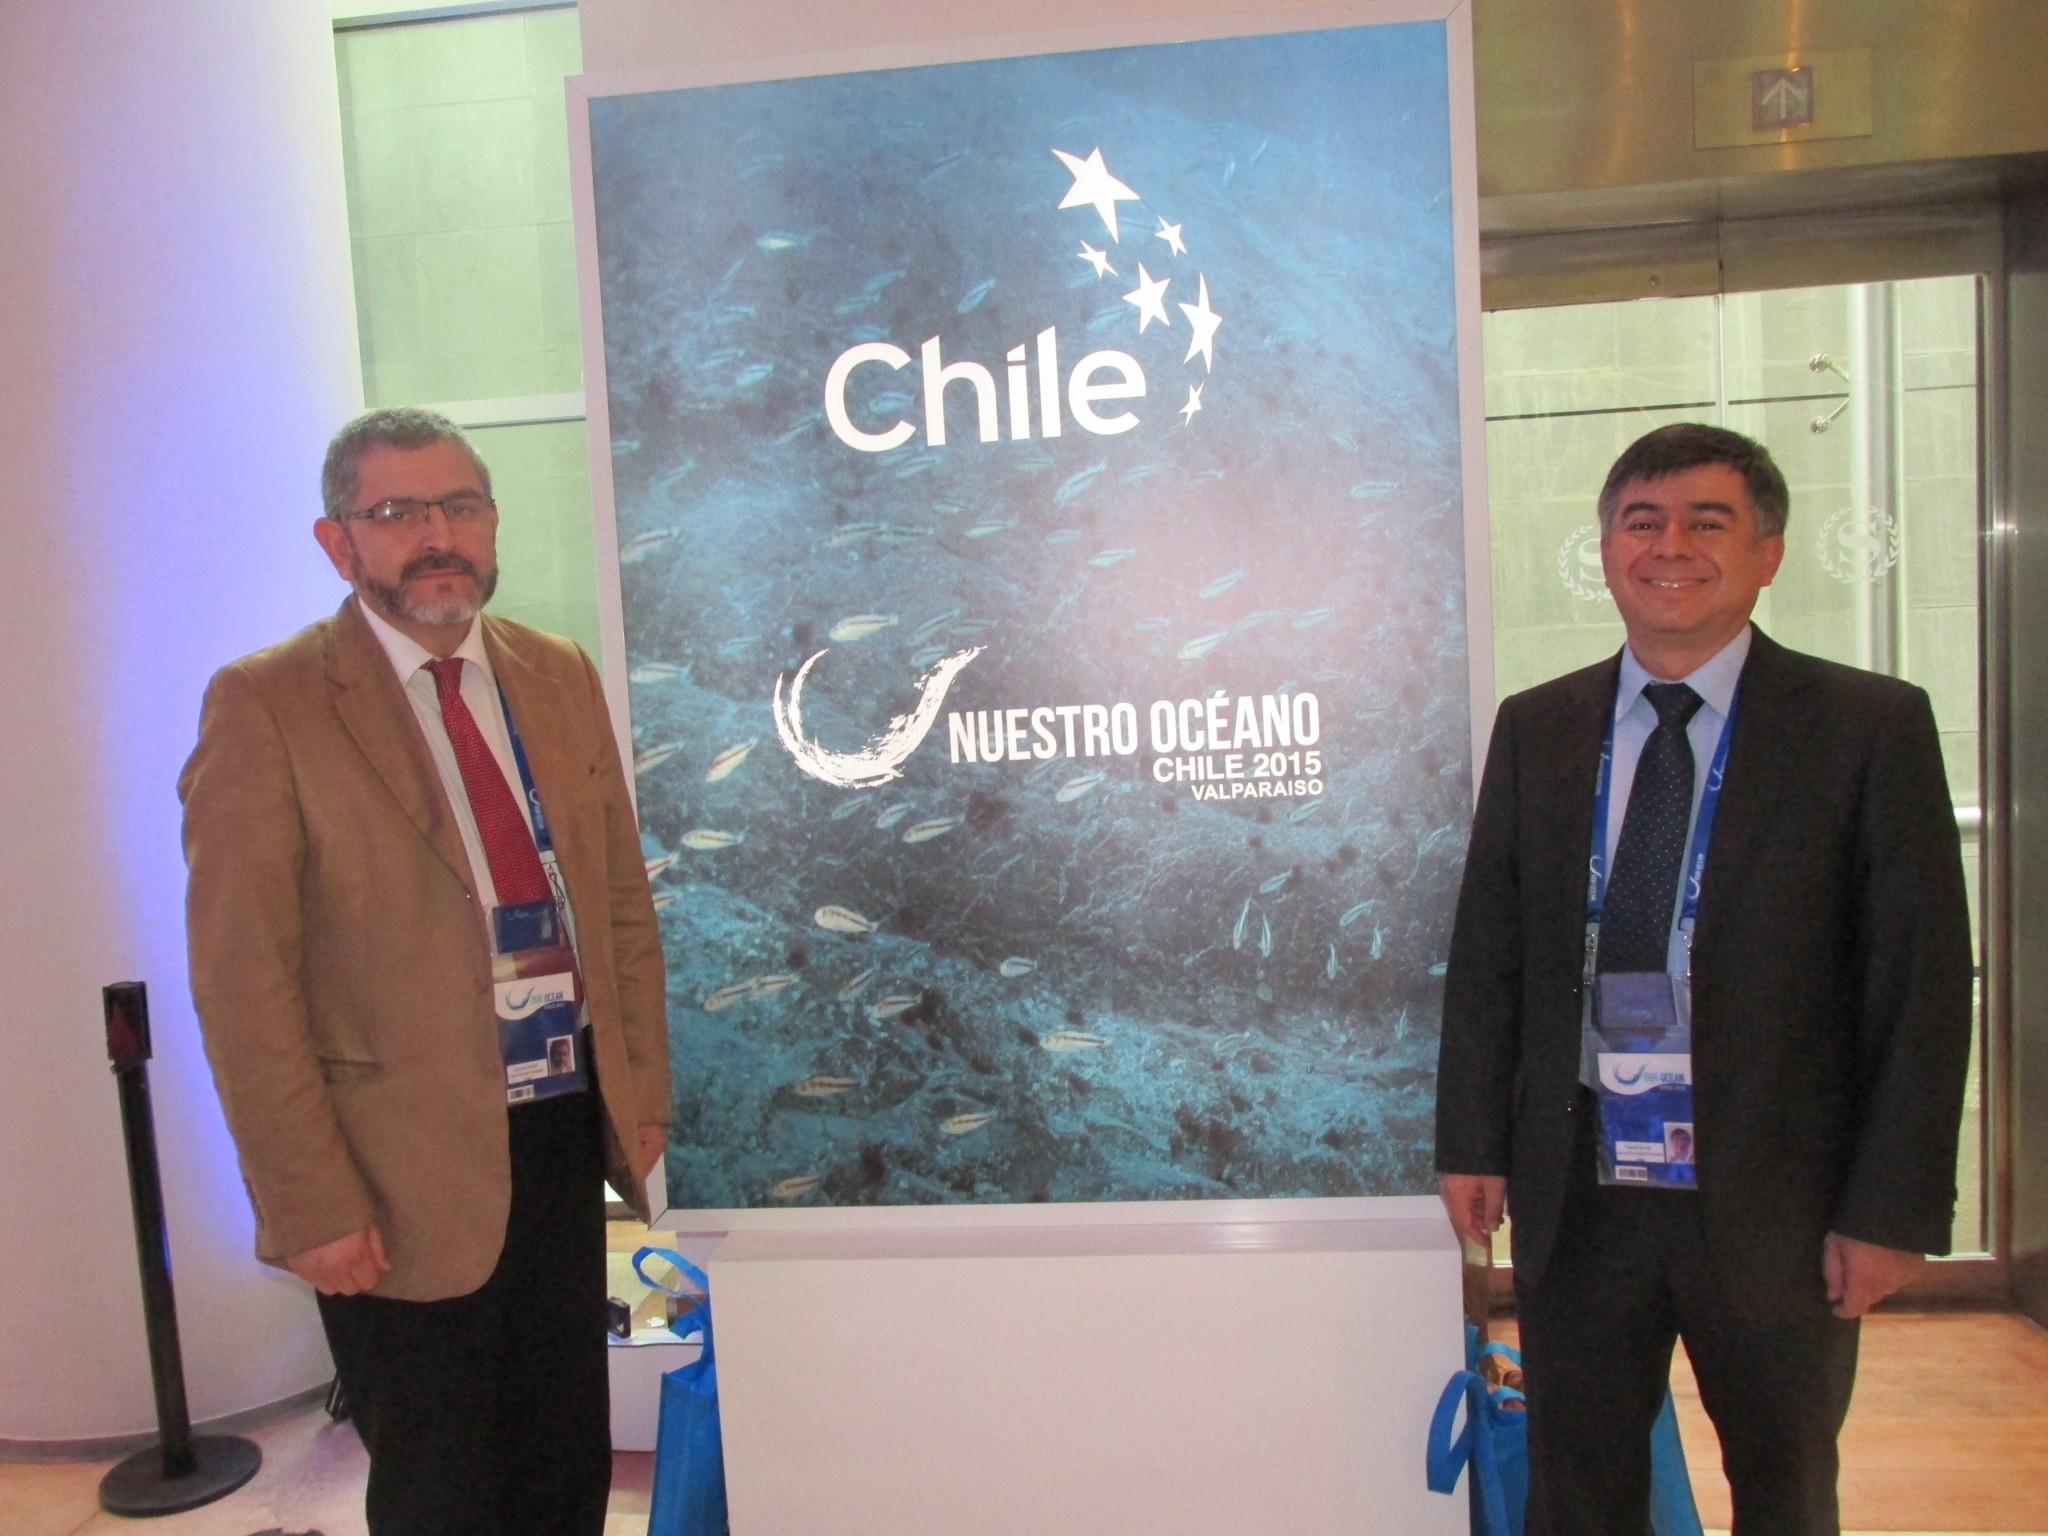 Con positivo balance  finalizó  Conferencia Internacional Nuestro Océano 2015